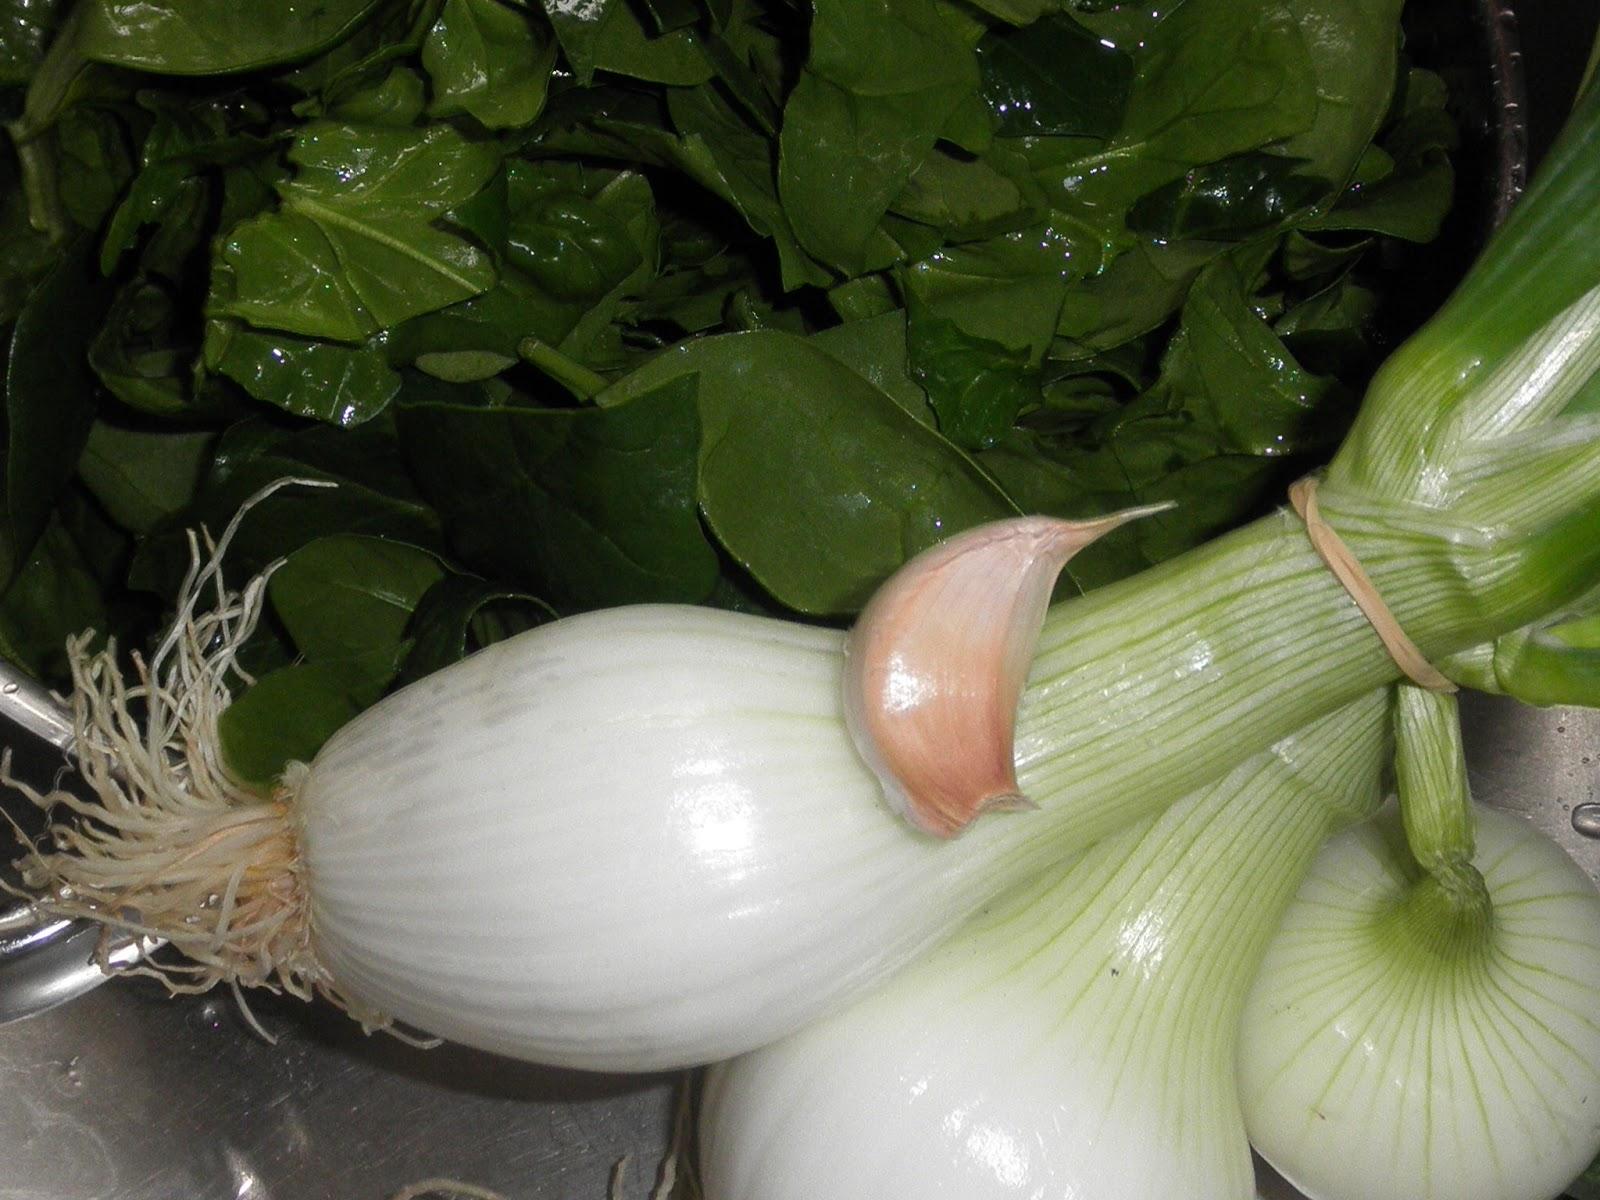 cebollas,espinacas